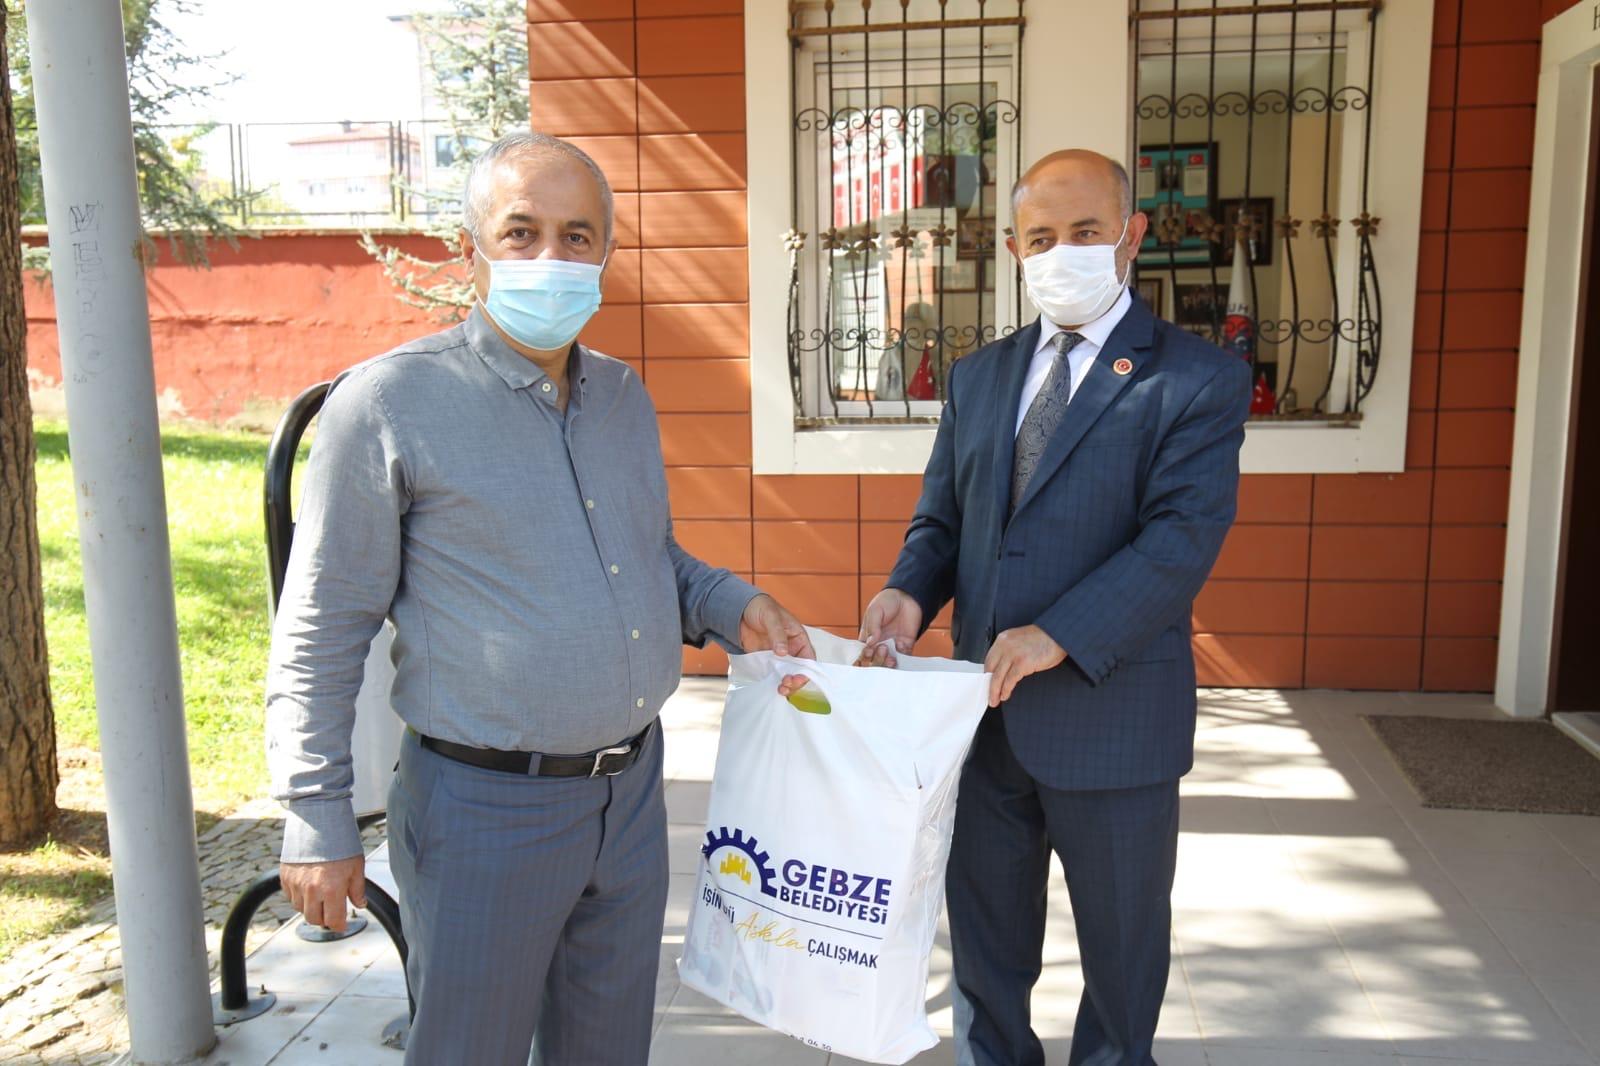 Gebze'de muhtarlara hijyen seti desteği